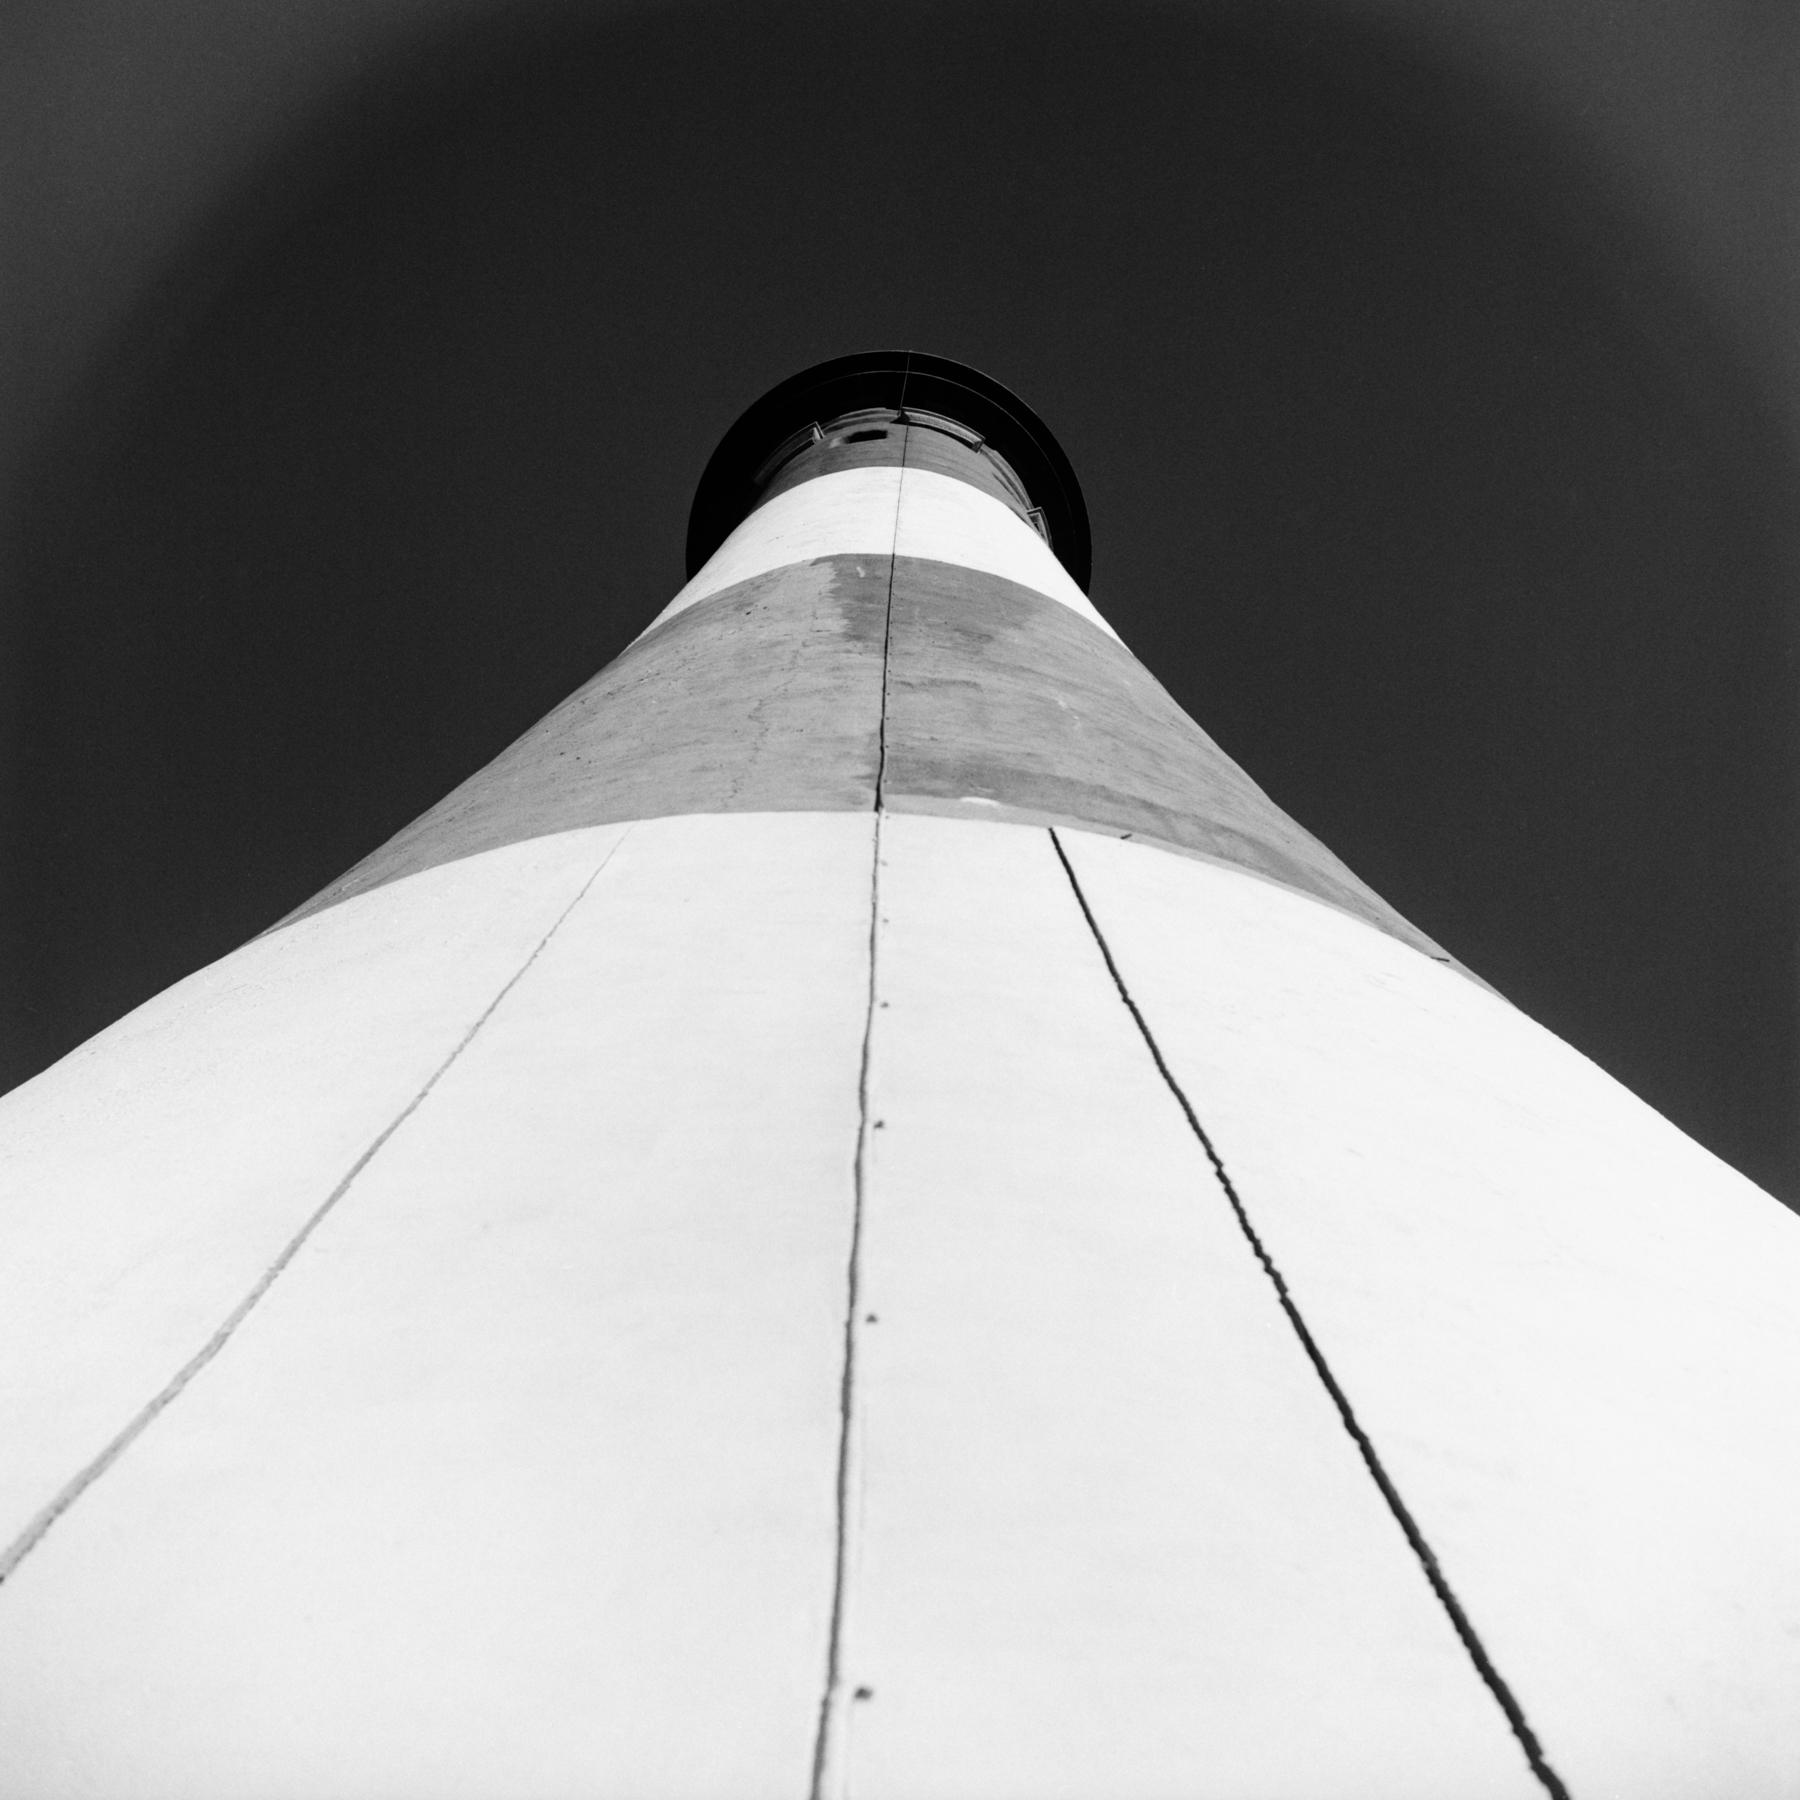 Fire Island Light | Rolleiflex | Colin Poellot